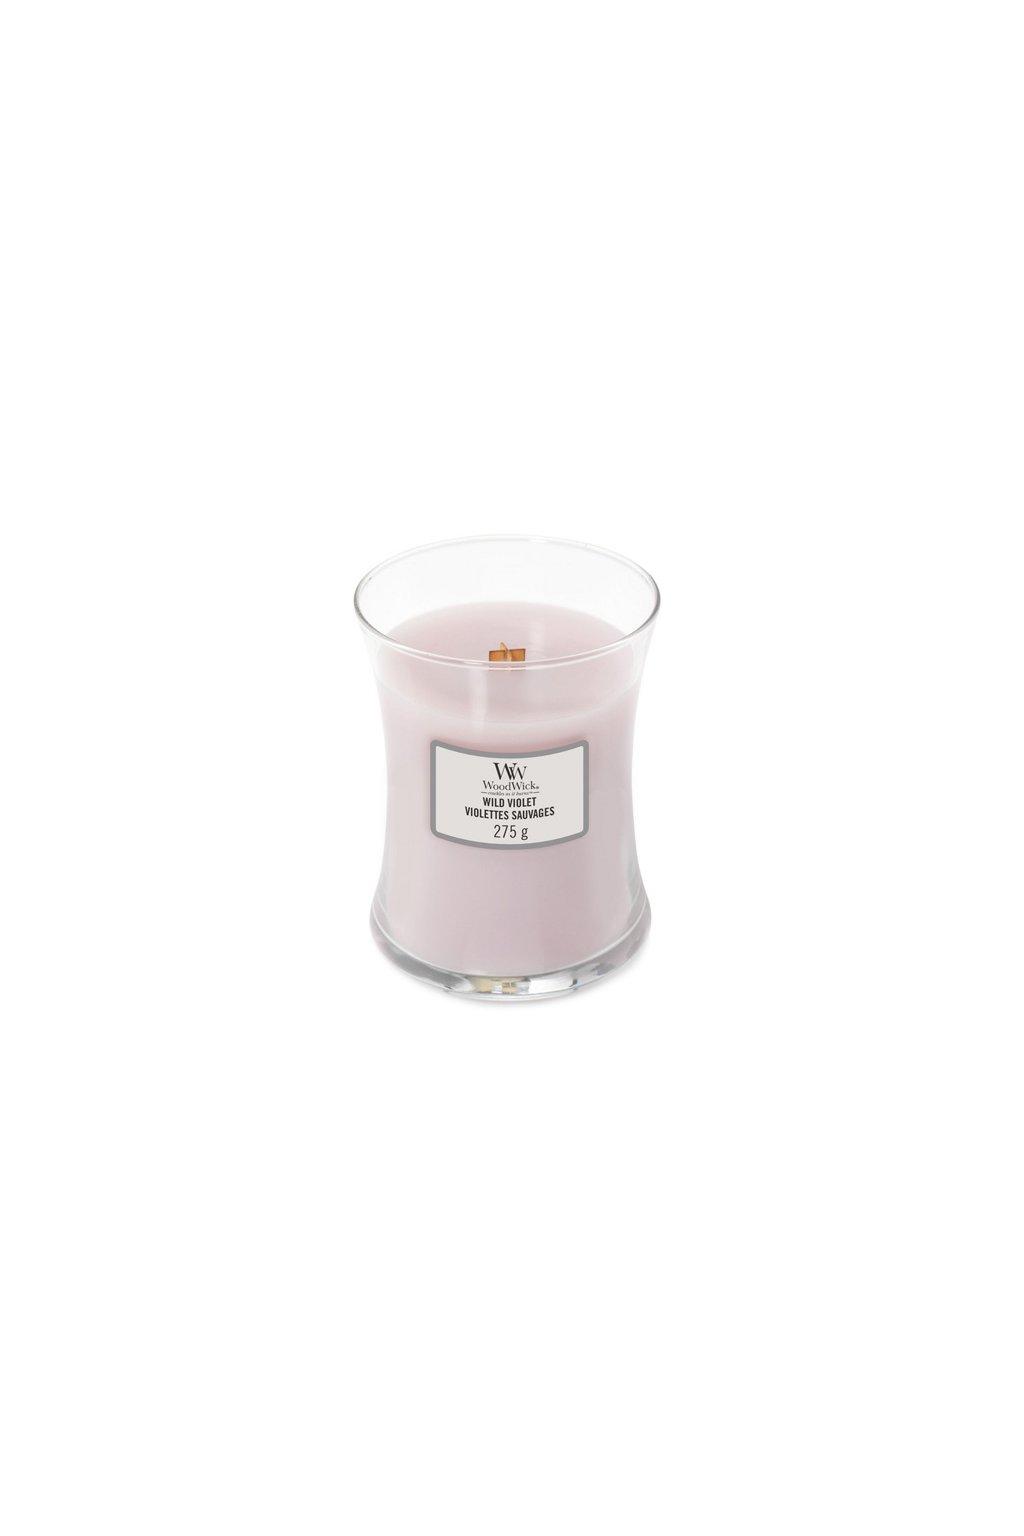 WoodWick Wild Violet svíčka střední 275g